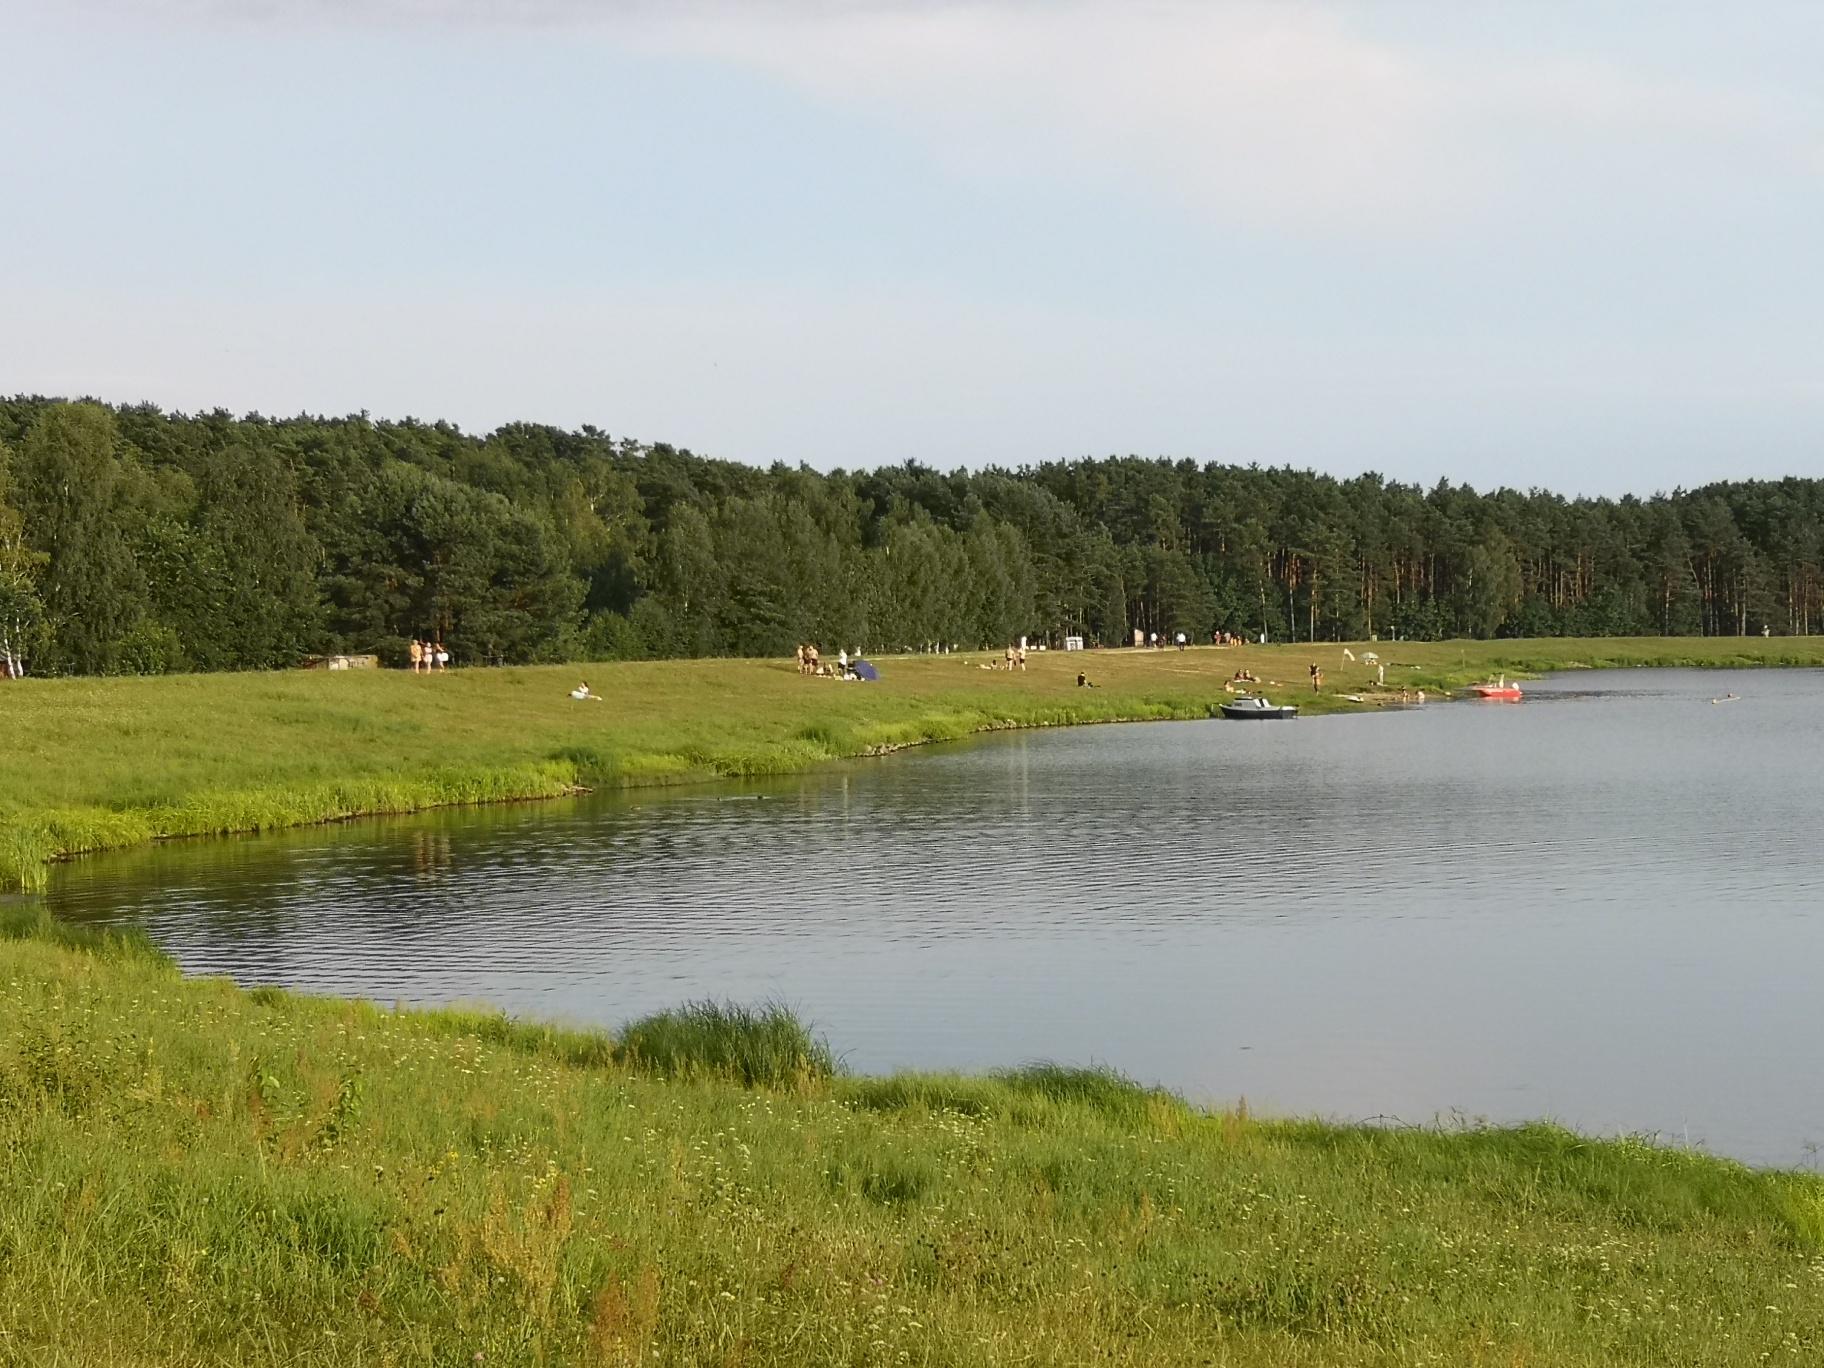 Zalew Maziarnia. Ratownicy i policja o wypoczywających nad wodą [ZDJĘCIA] - Zdjęcie główne